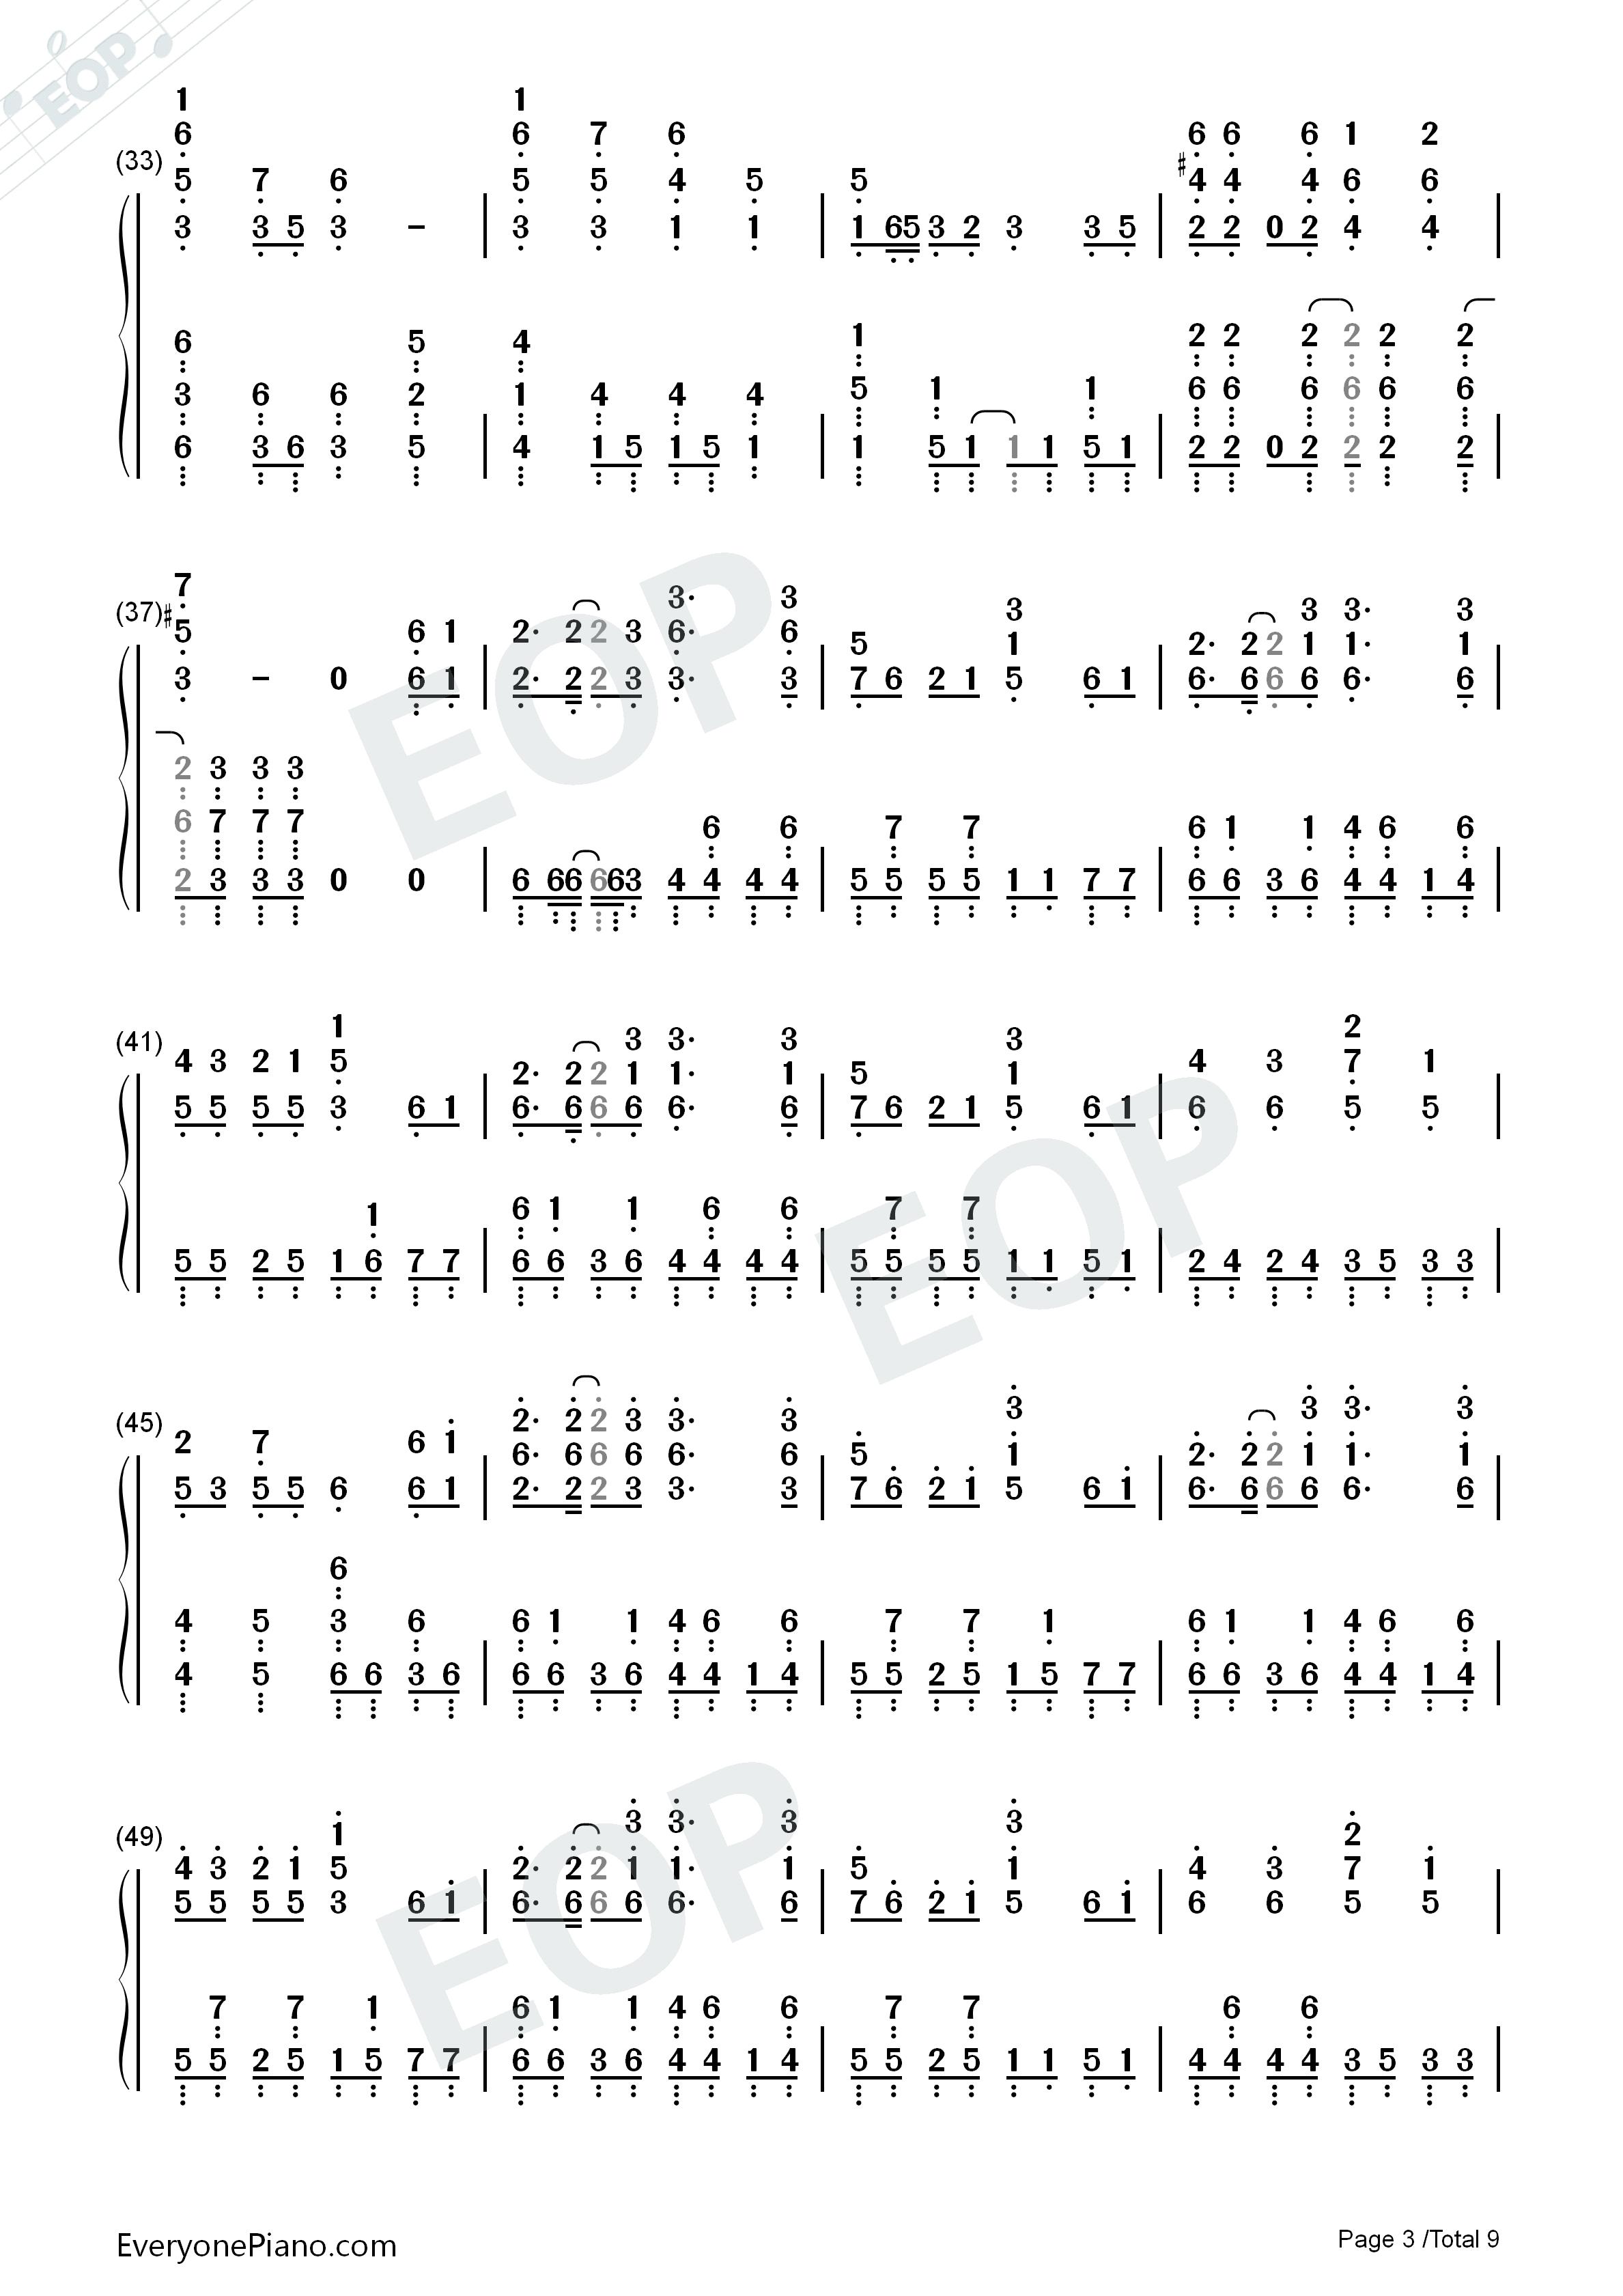 千本樱-钢琴原版图片